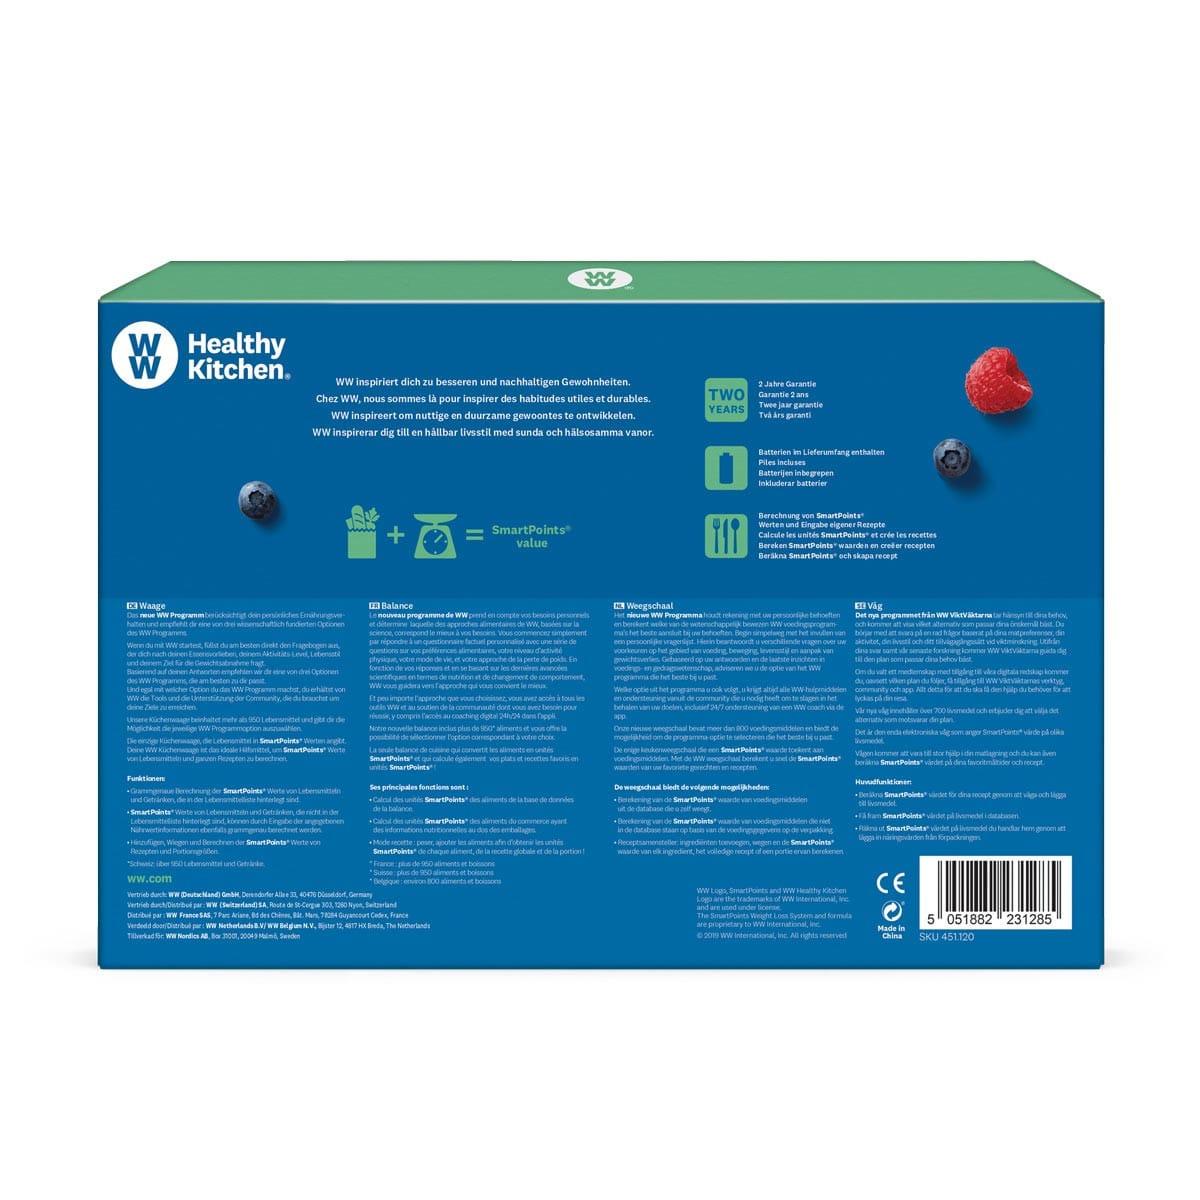 meinWW™ Küchenwaage in blauer und grüner, eckiger Verpackung mit Produktbild Hinteransicht 2